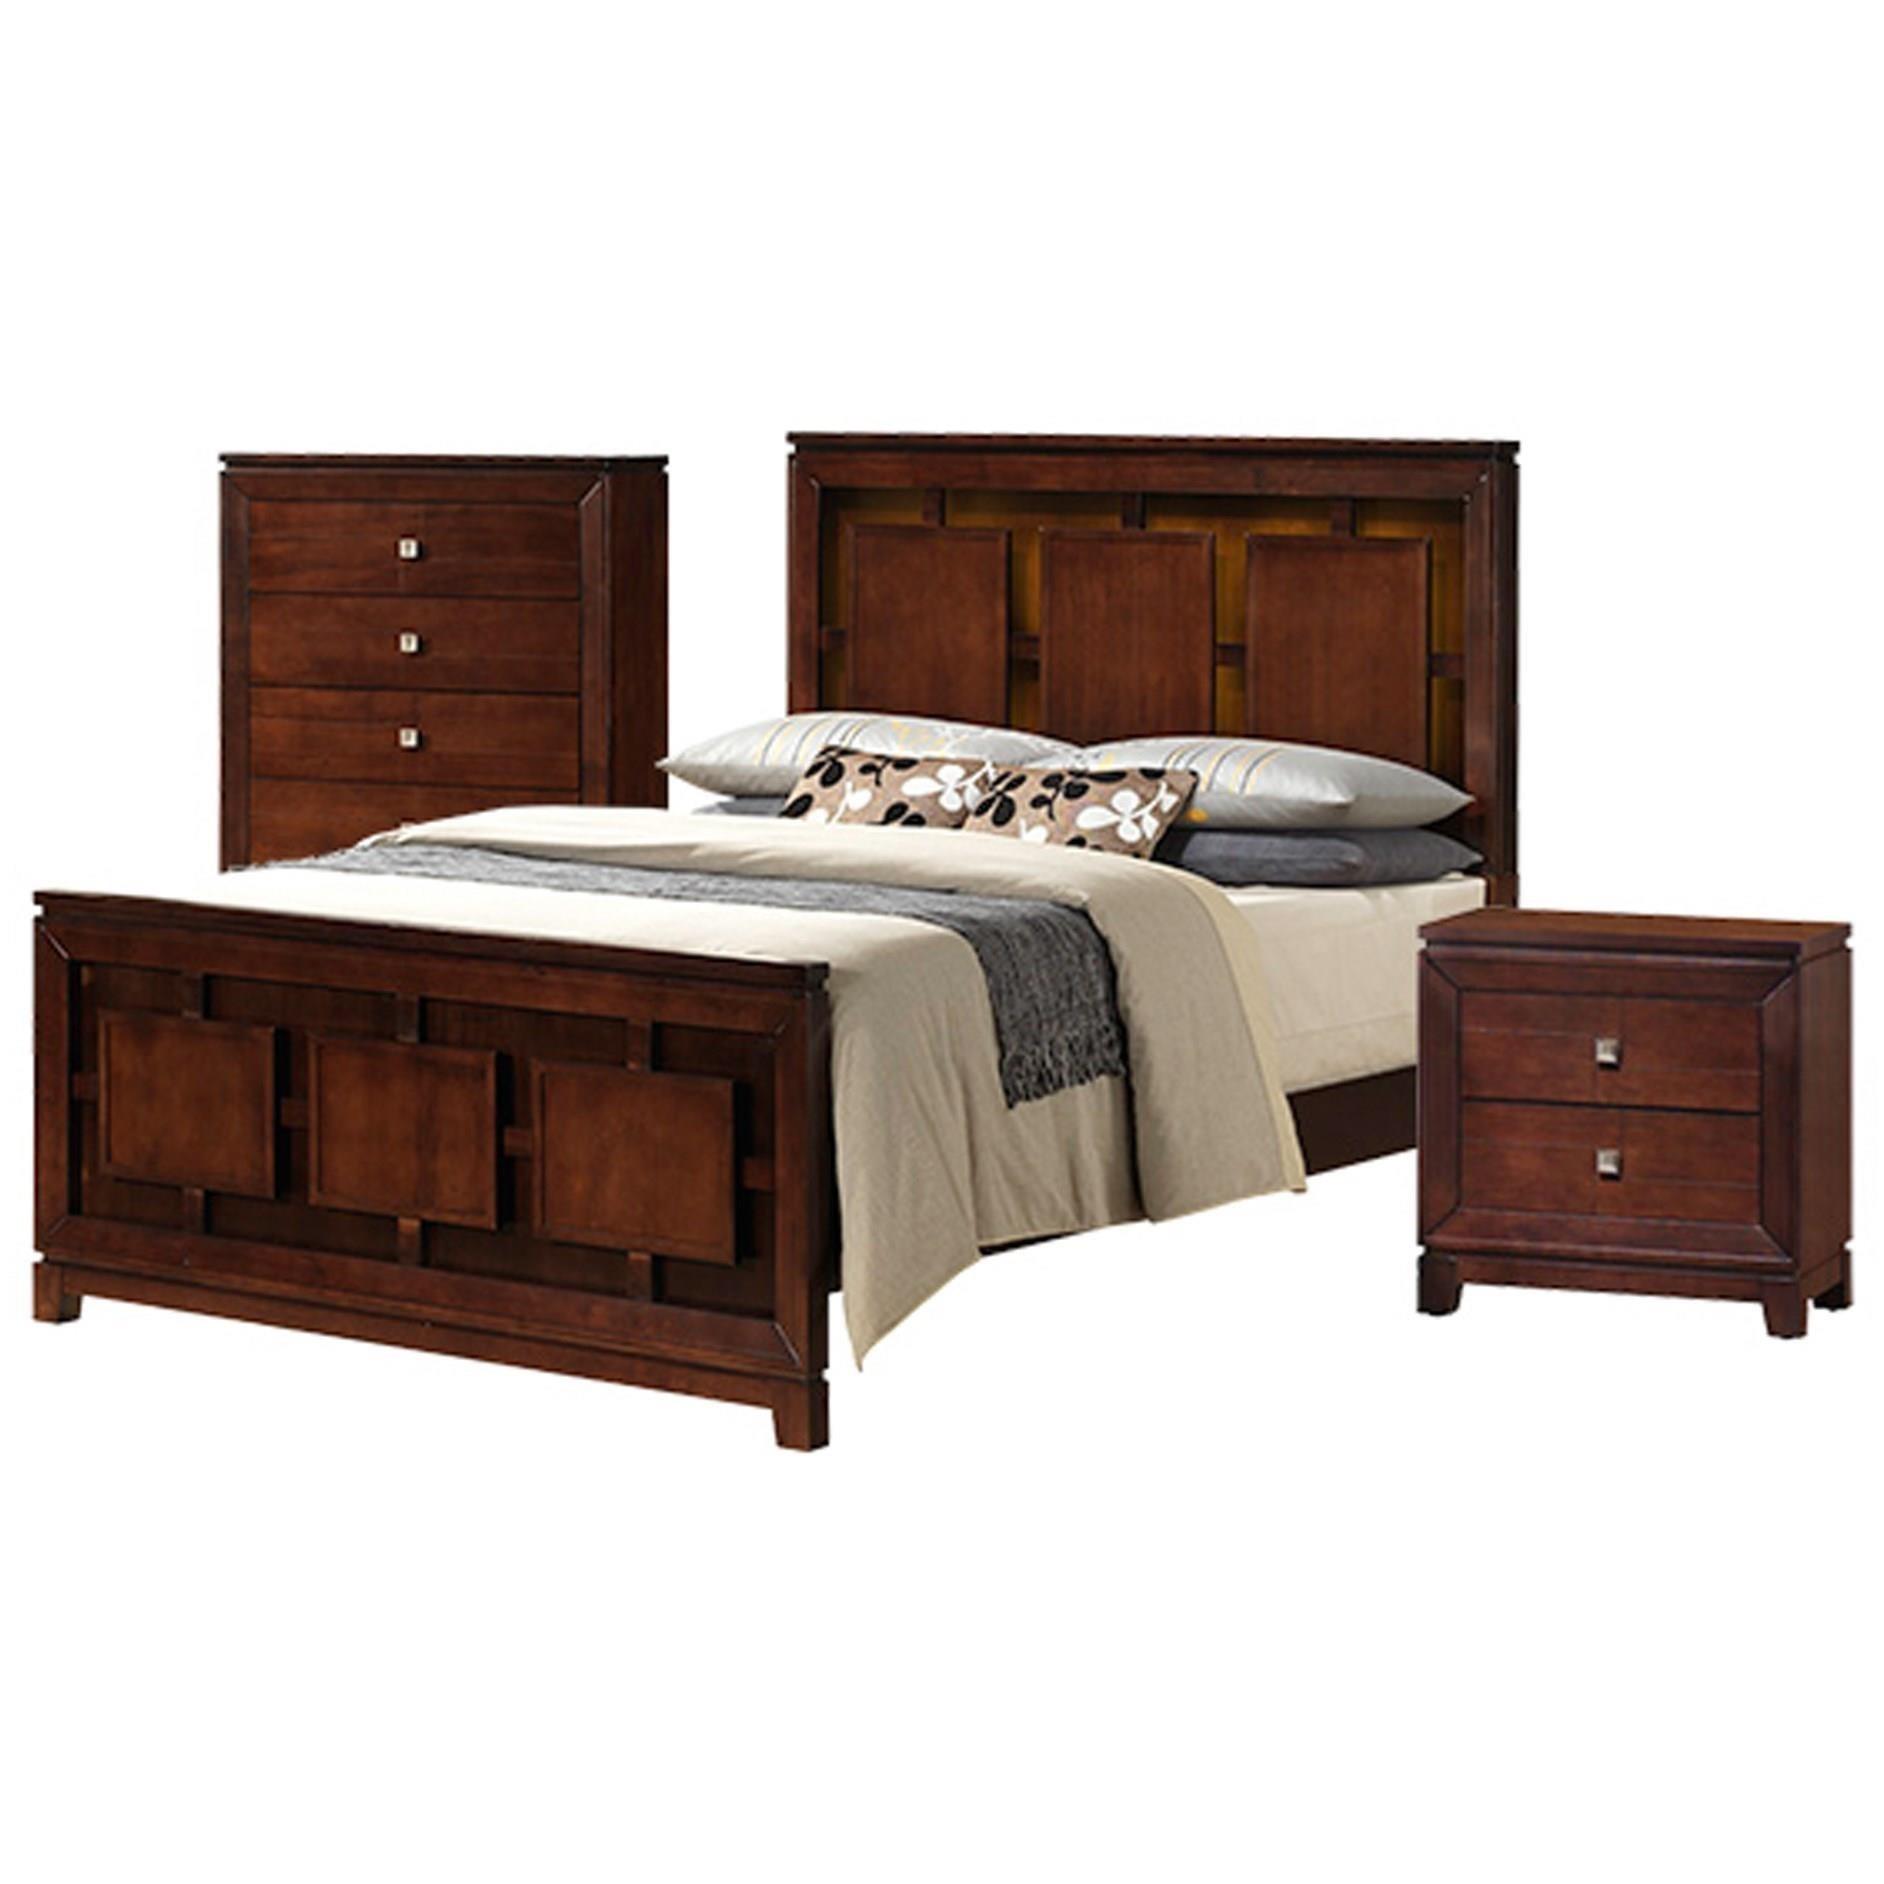 Elements International London 3 Piece Queen Bedroom Set Bullard Furniture Bedroom Groups